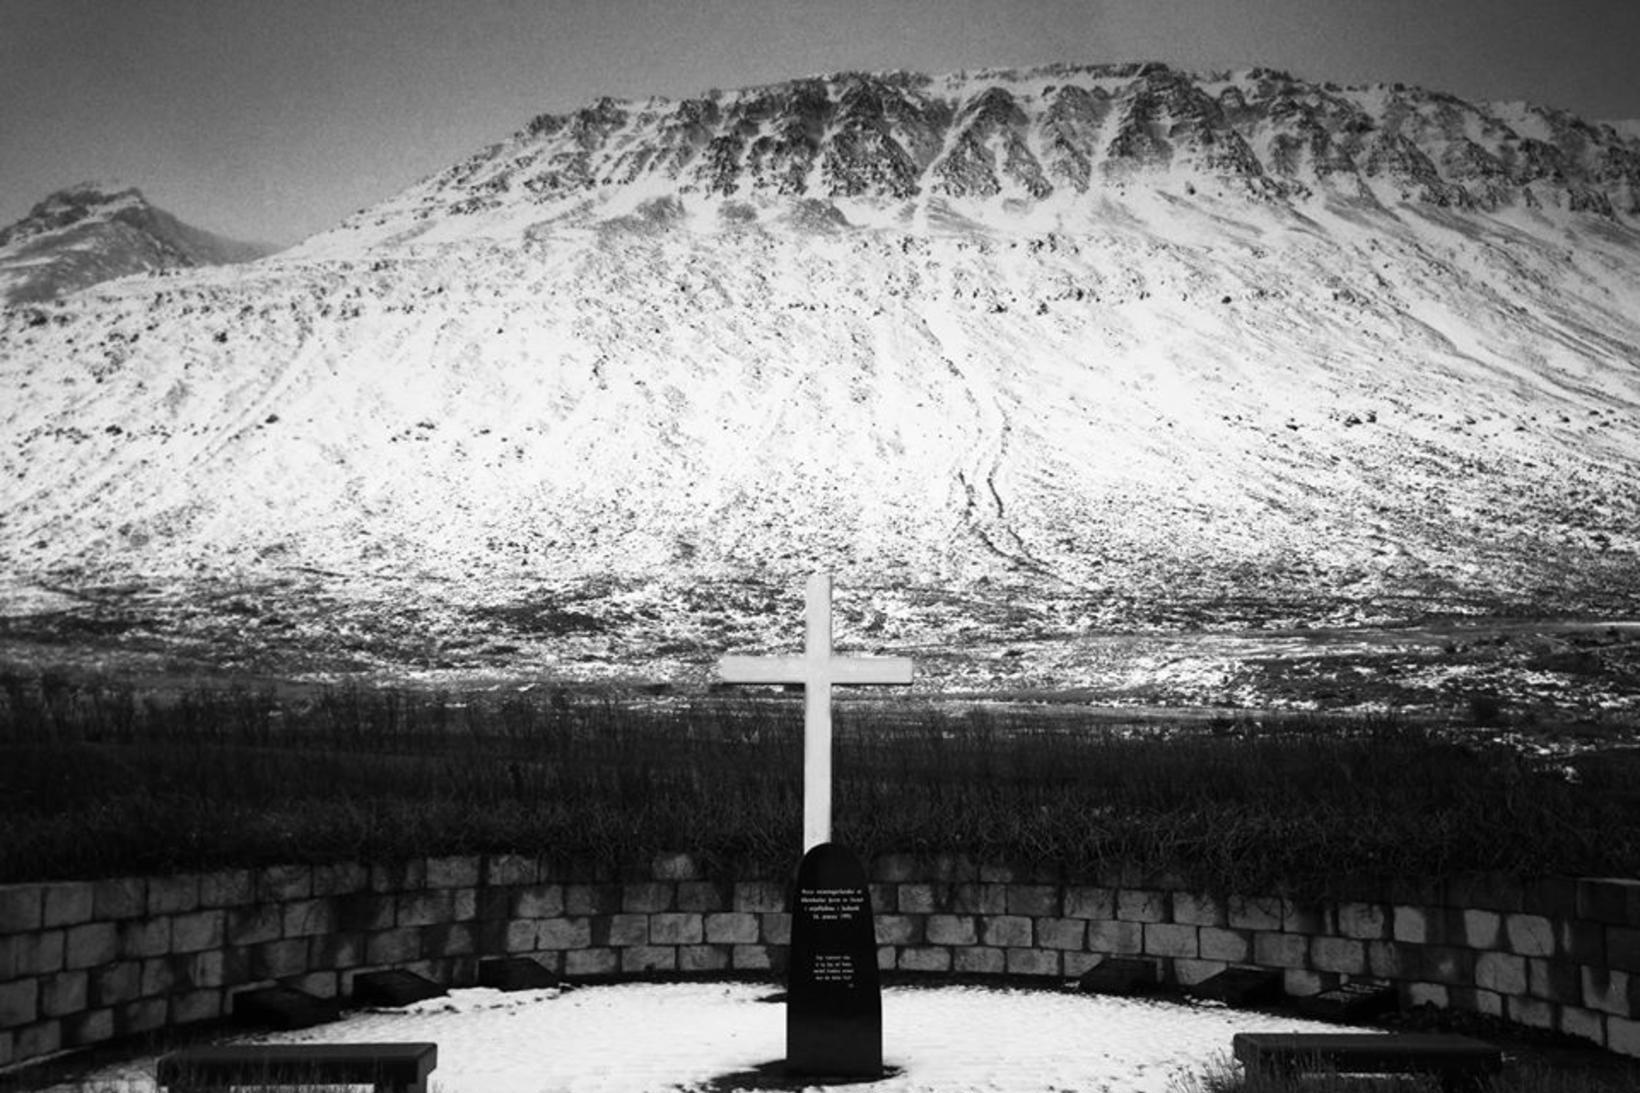 Minningarvottur um þá sem létust í Súðavík fyrir 25 árum.